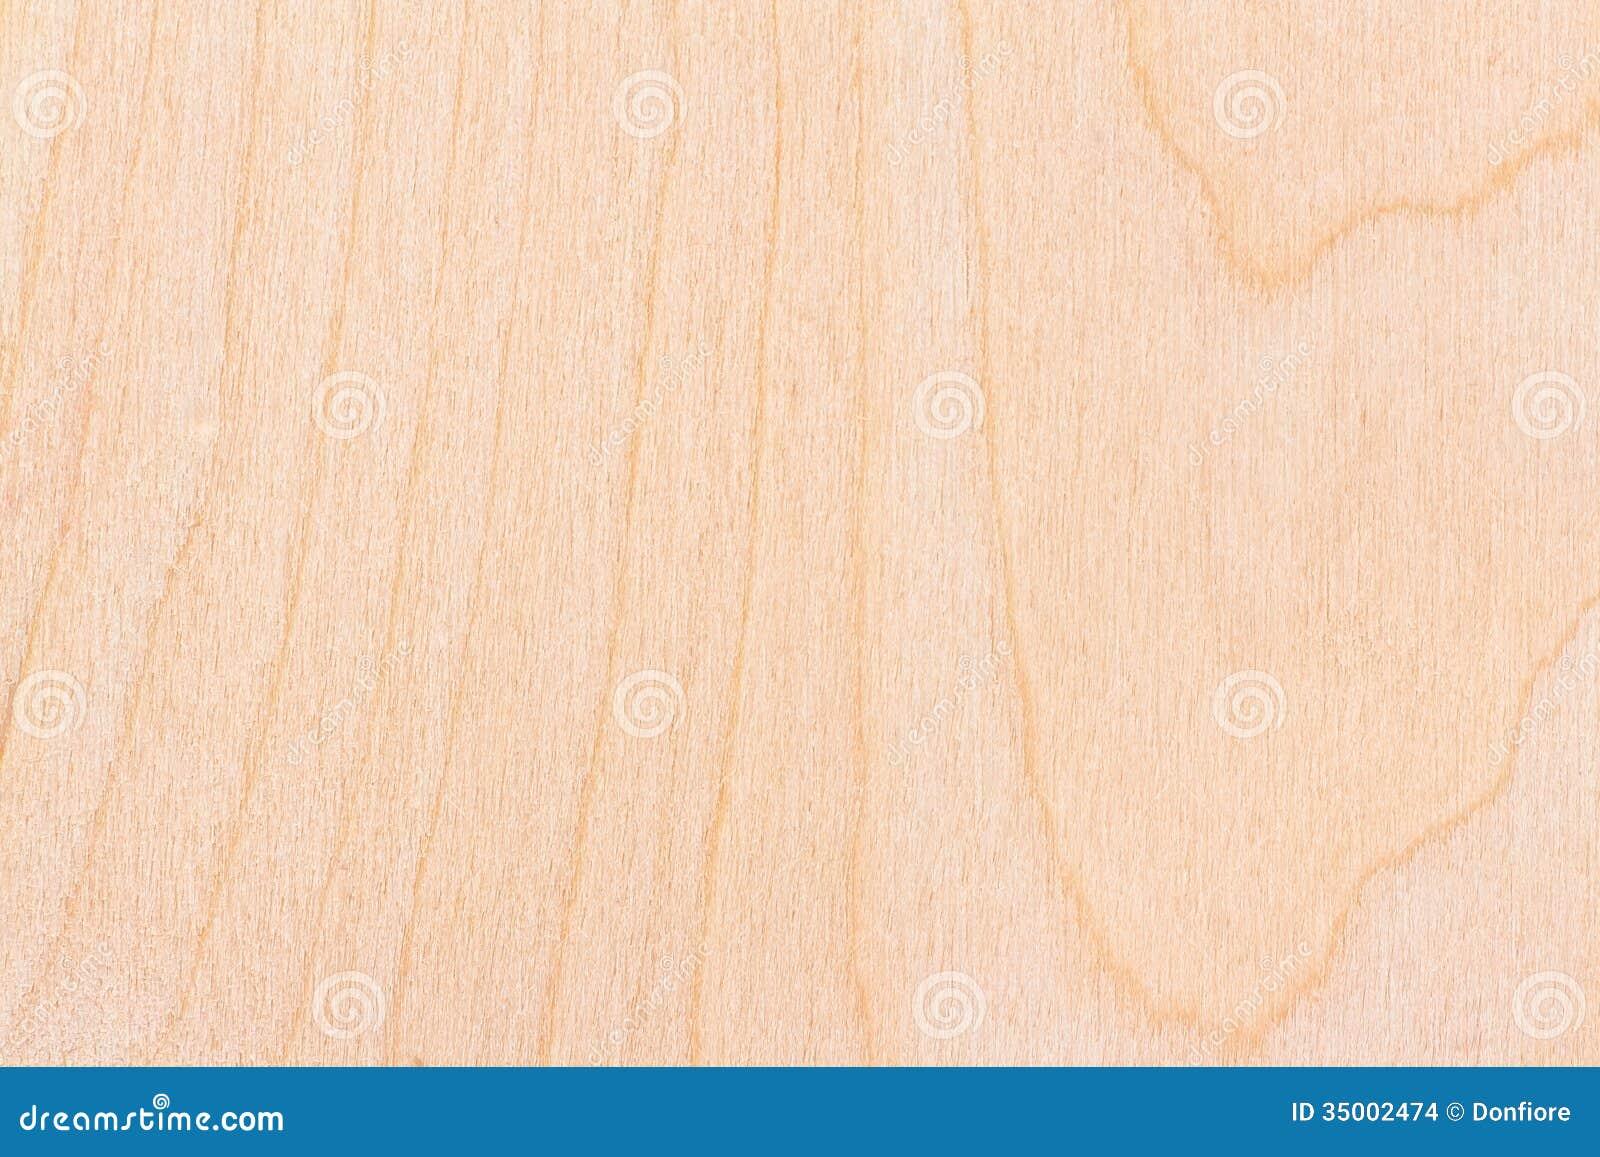 Textura de madera clara imagenes de archivo imagen 35002474 - Suelos de madera clara ...